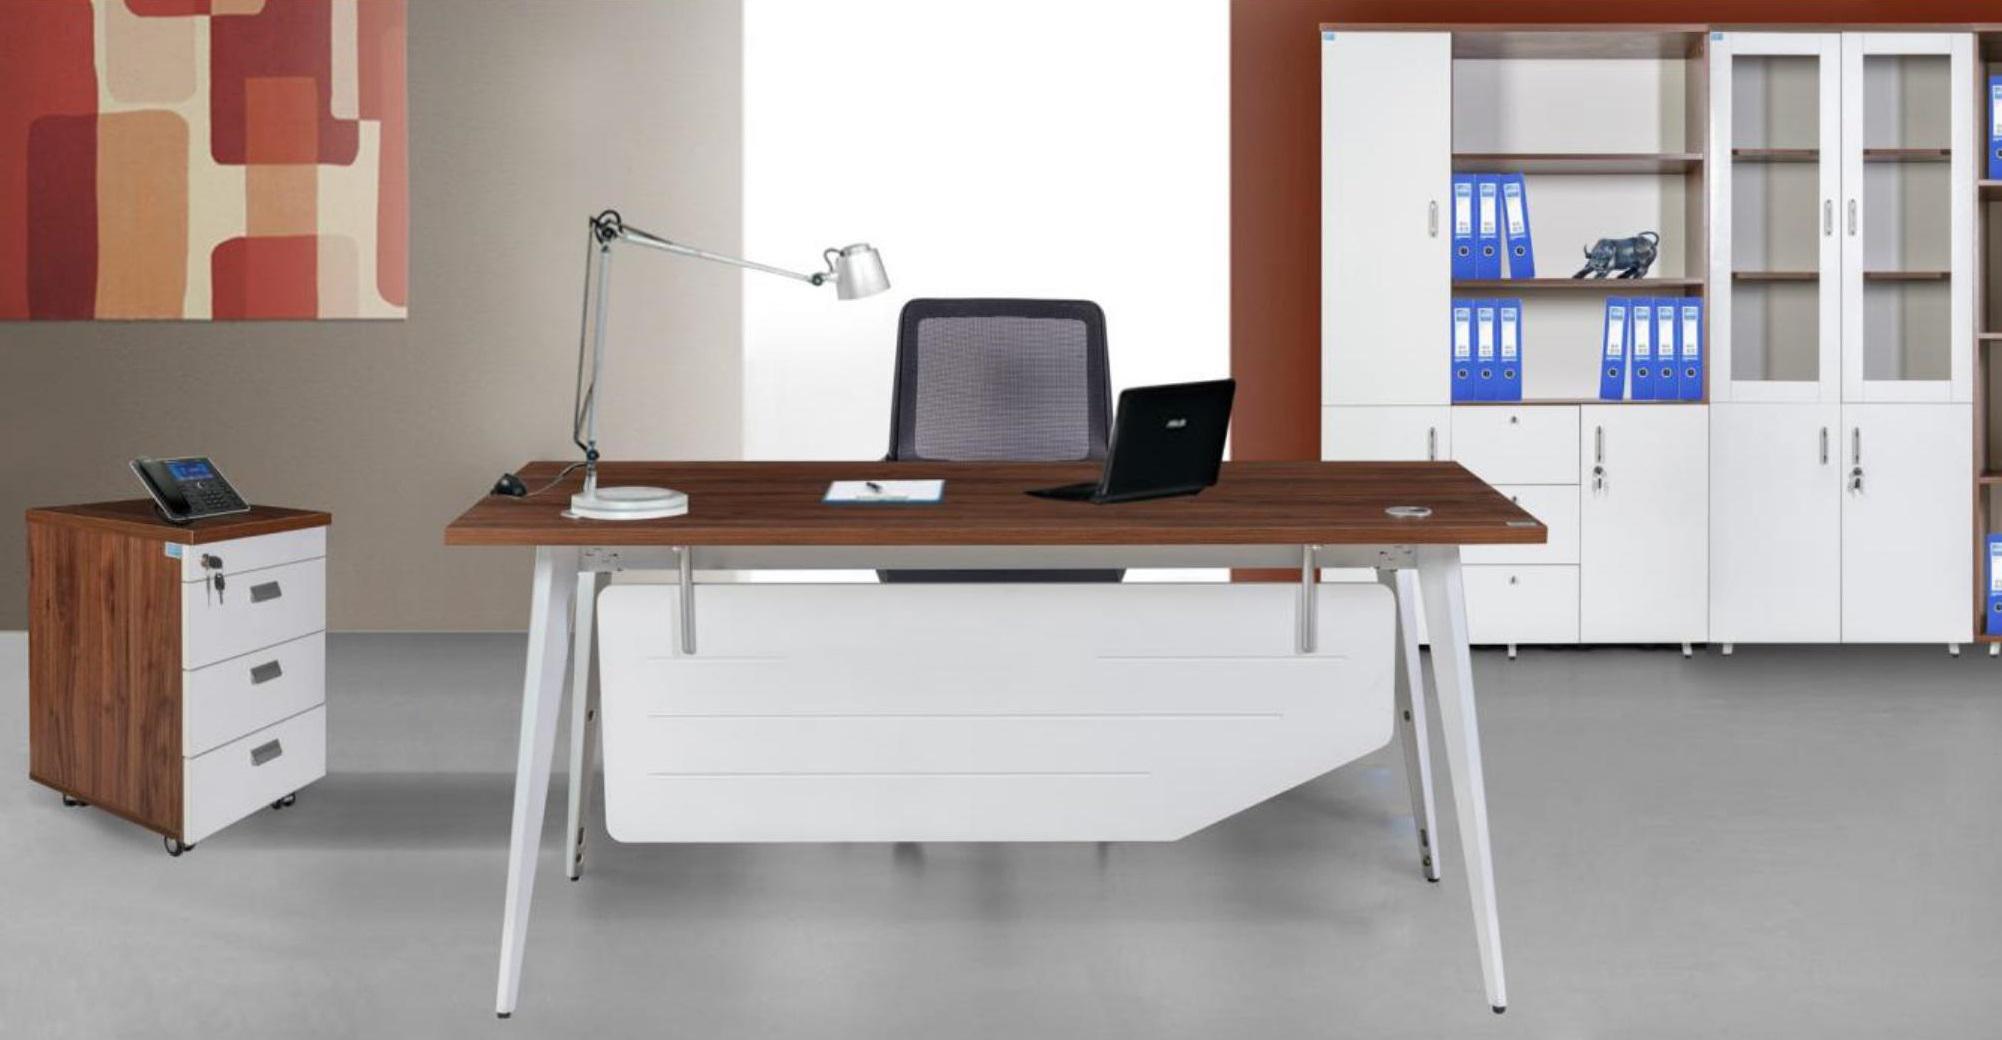 Cho dù bạn chọn mẫu bàn nào cũng phải hài hoà với không gian văn phòng